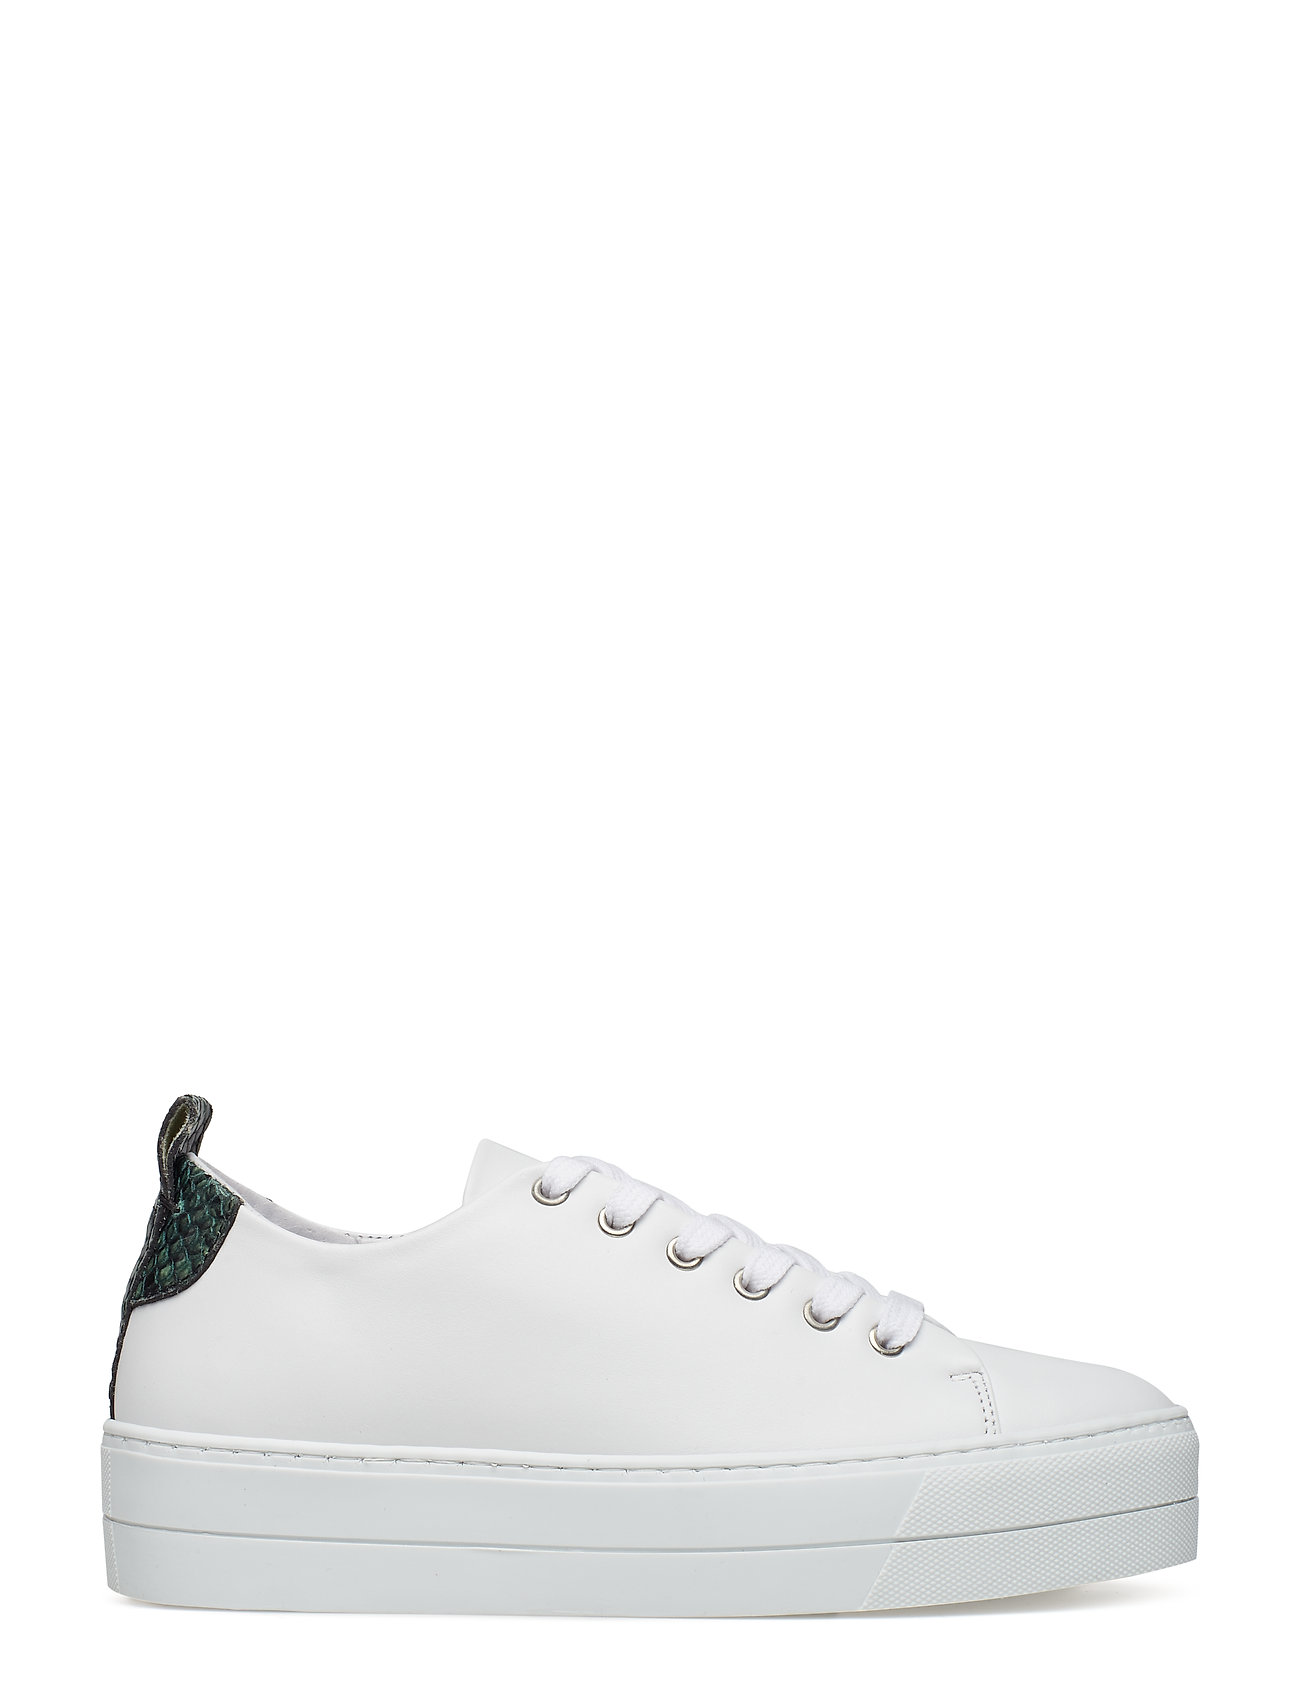 Burma 9638 Low top Sneakers Hvid SAMSØE & SAMSØE